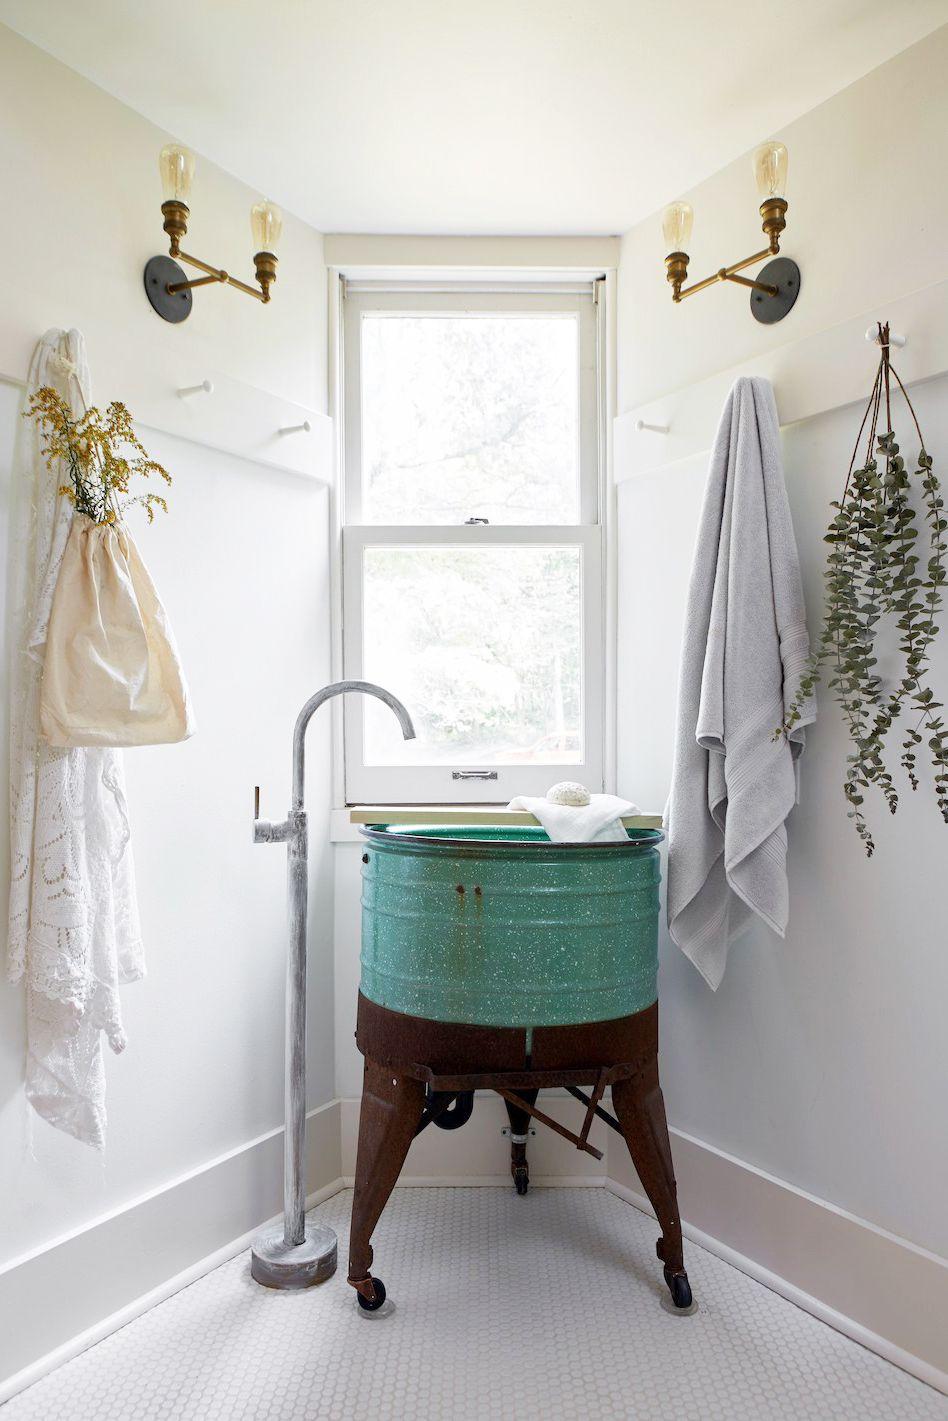 Những ý tưởng phòng tắm tuyệt vời khiến cho bạn không bao giờ muốn rời khỏi đây - Ảnh 18.